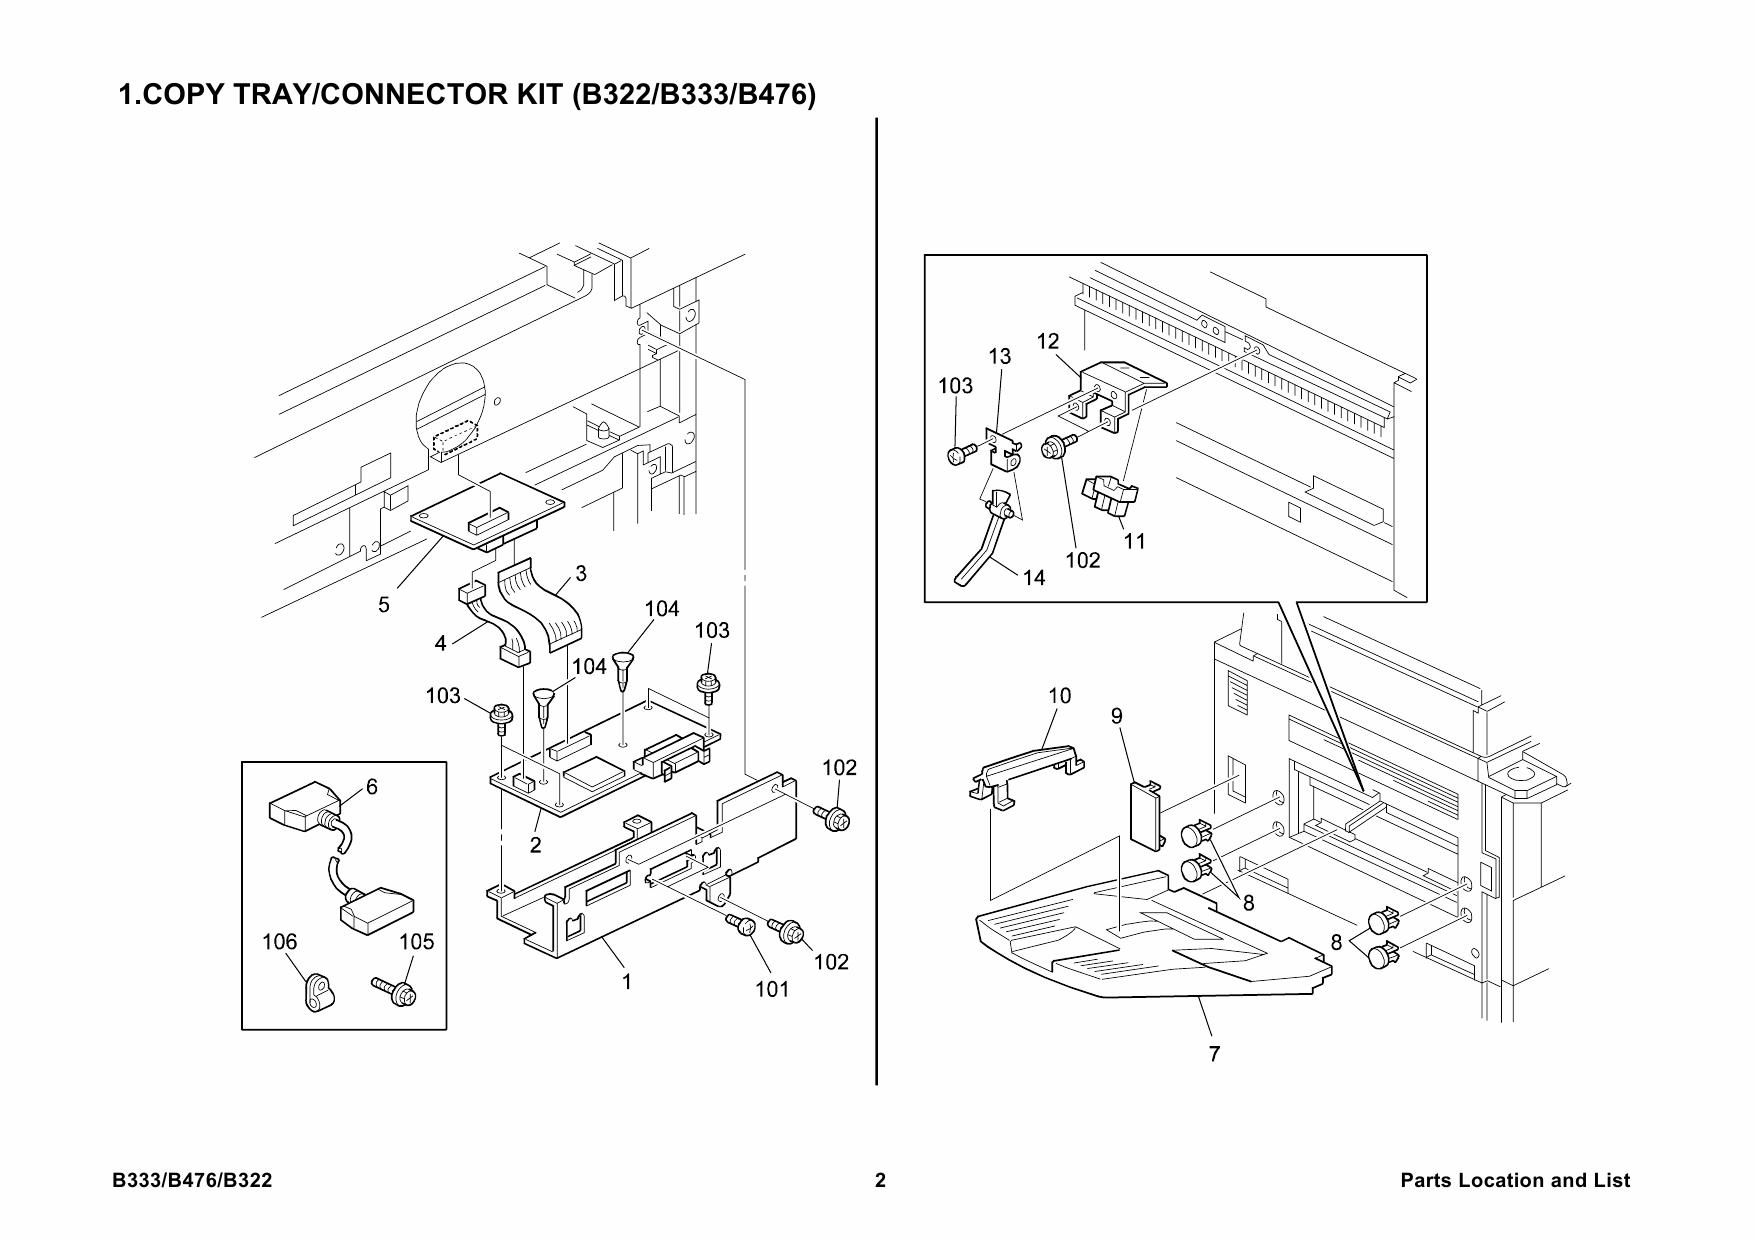 RICOH Options B333 COPY-TRAY-TYPE-700-1075 Parts Catalog